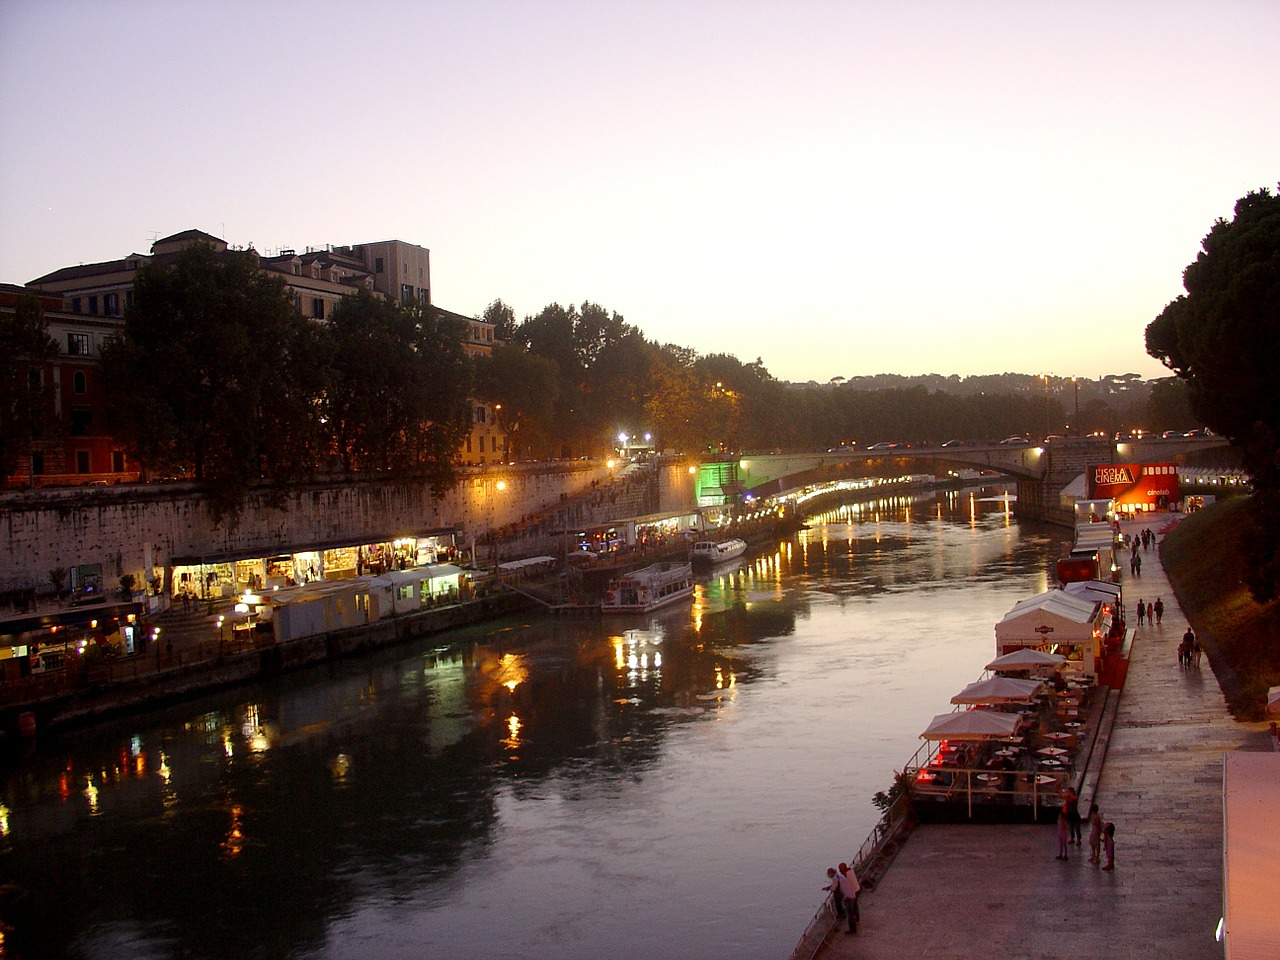 rome-206502_1280.jpg